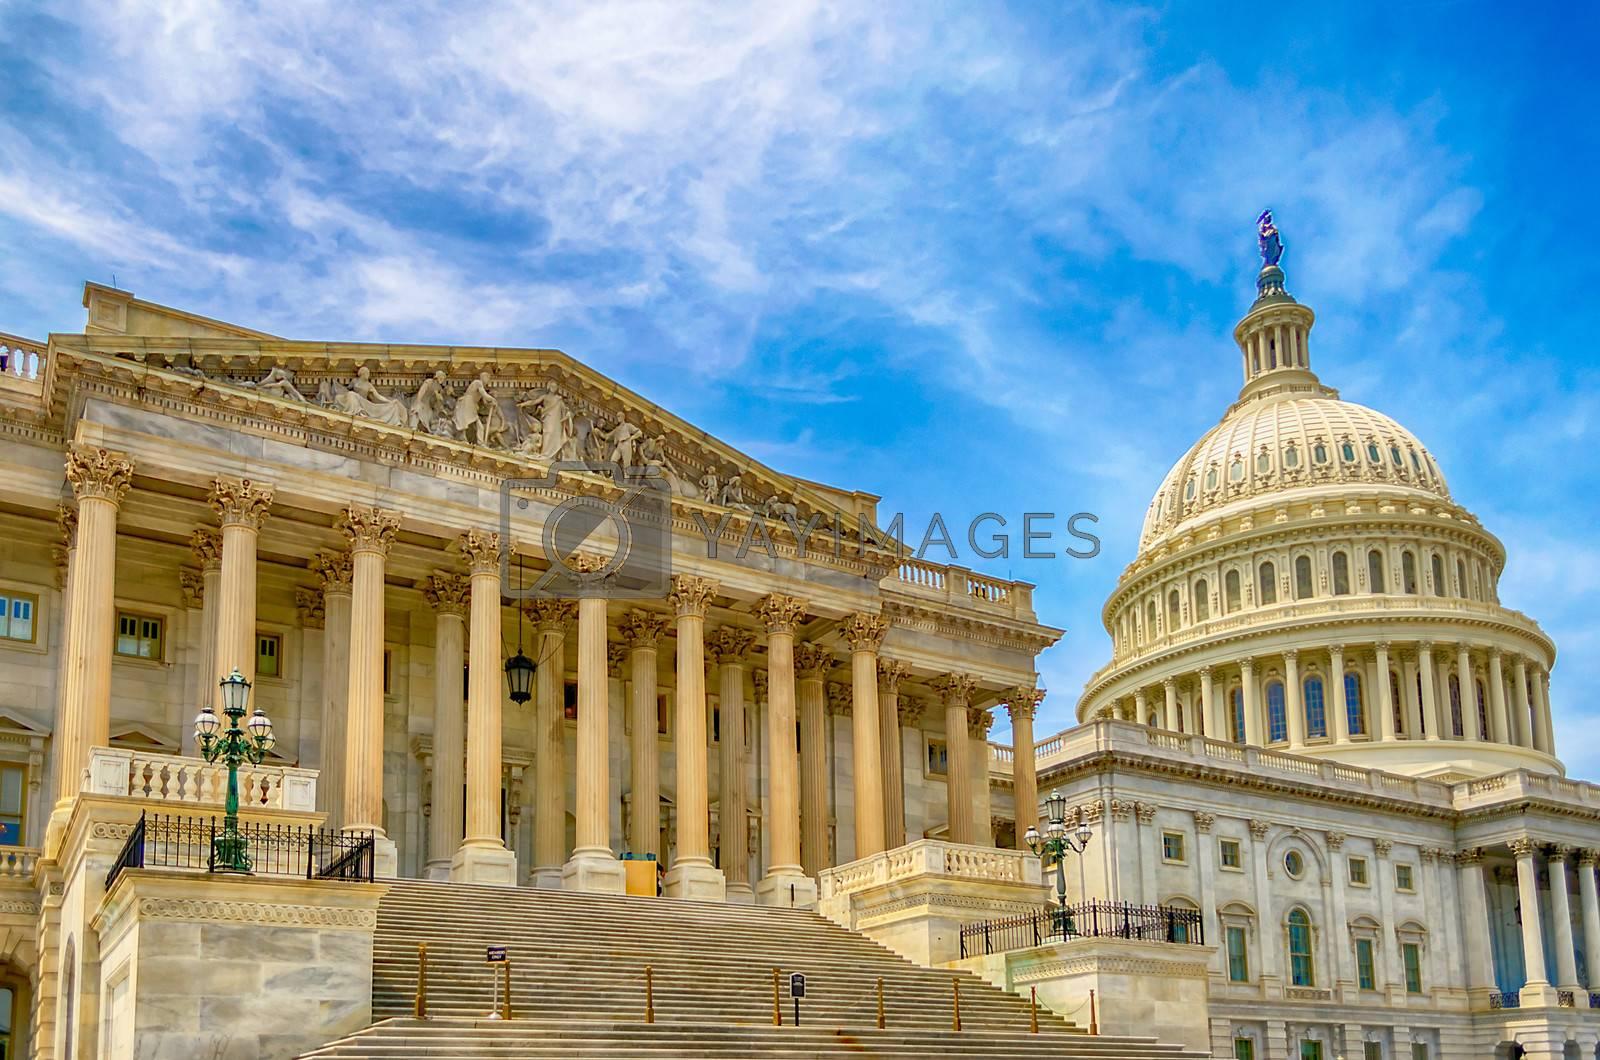 United States Capitol building, Washington DC, USA